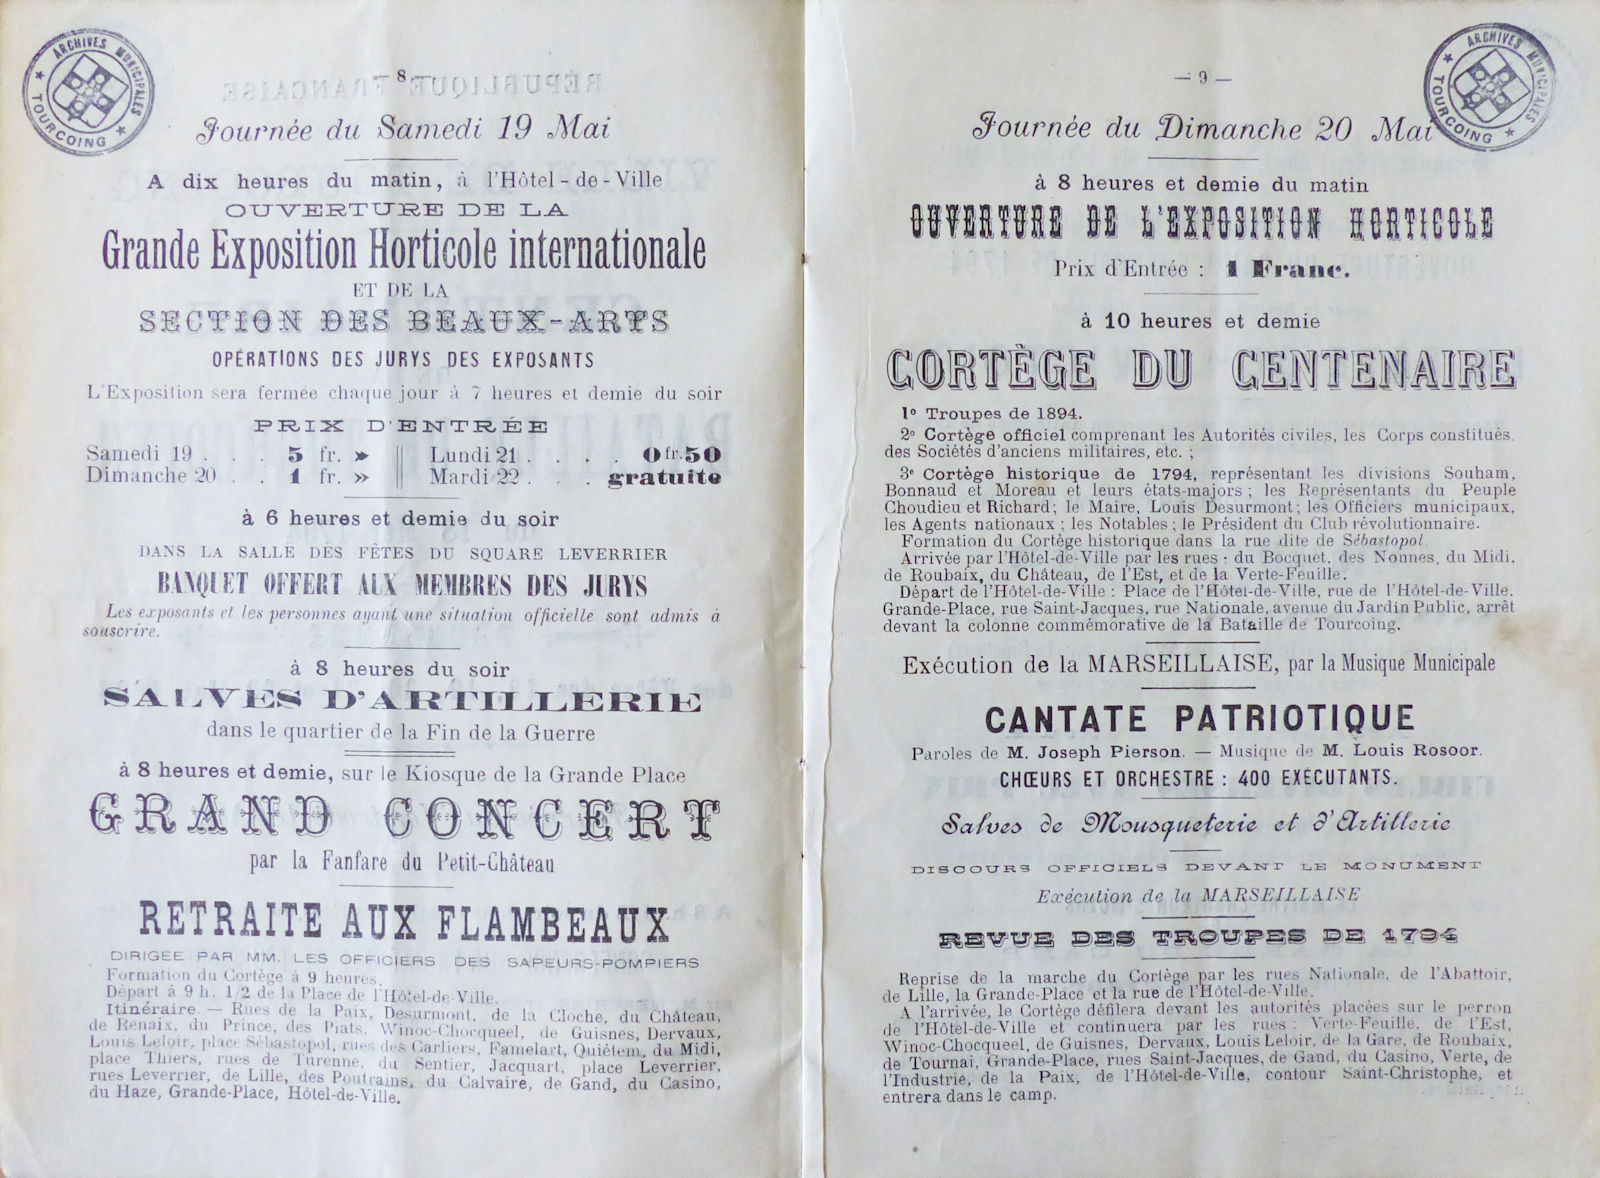 Programme Fêtes du Centenaire de la Bataille de Tourcoing de 1794